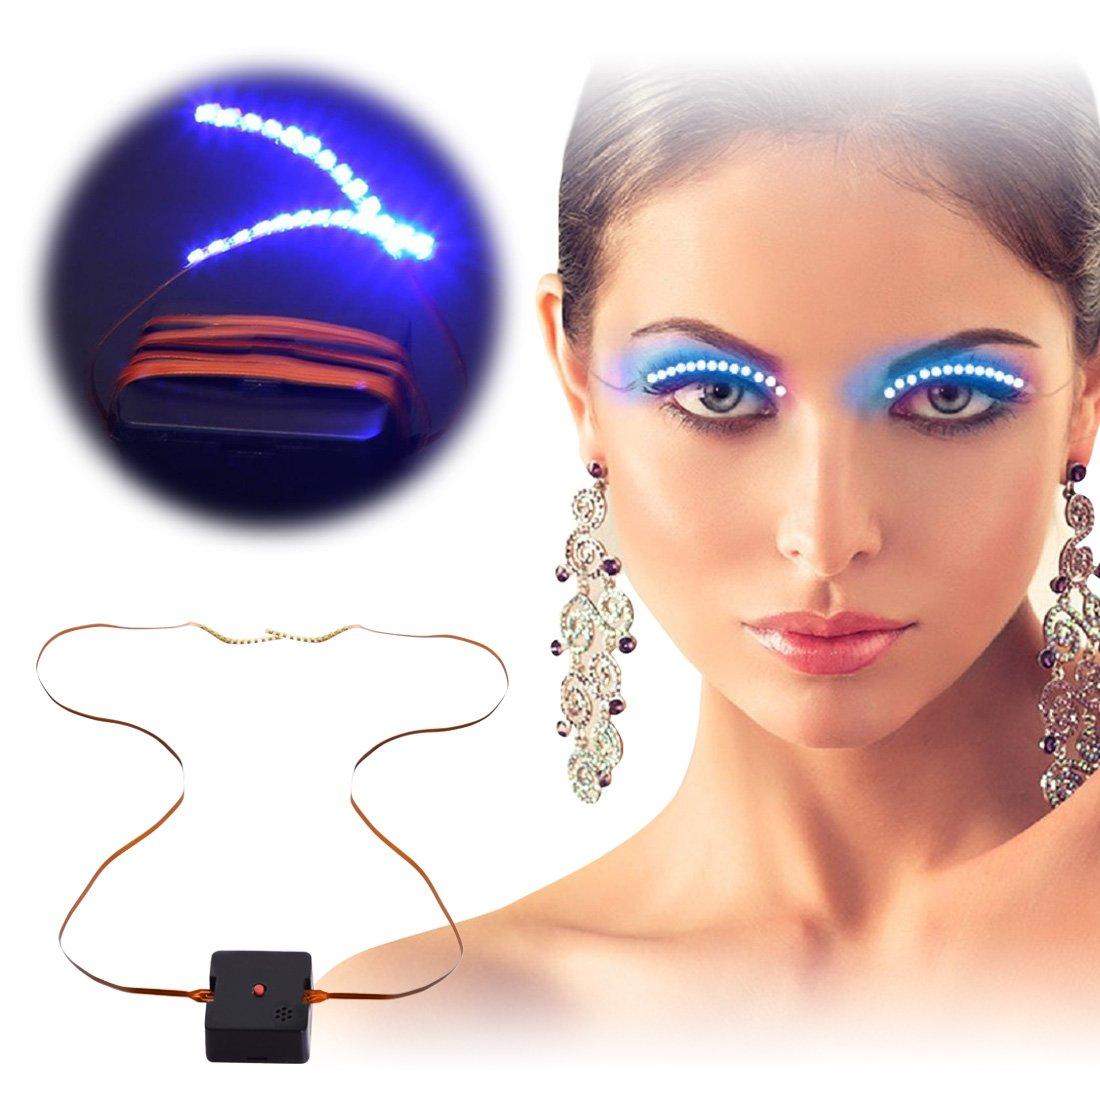 67e8b79bf04 Get Quotations · Led Eyelashes Light, Rophie 2 Pairs LED Light Up Acoustic  Control Eyelid False Eyelashes,